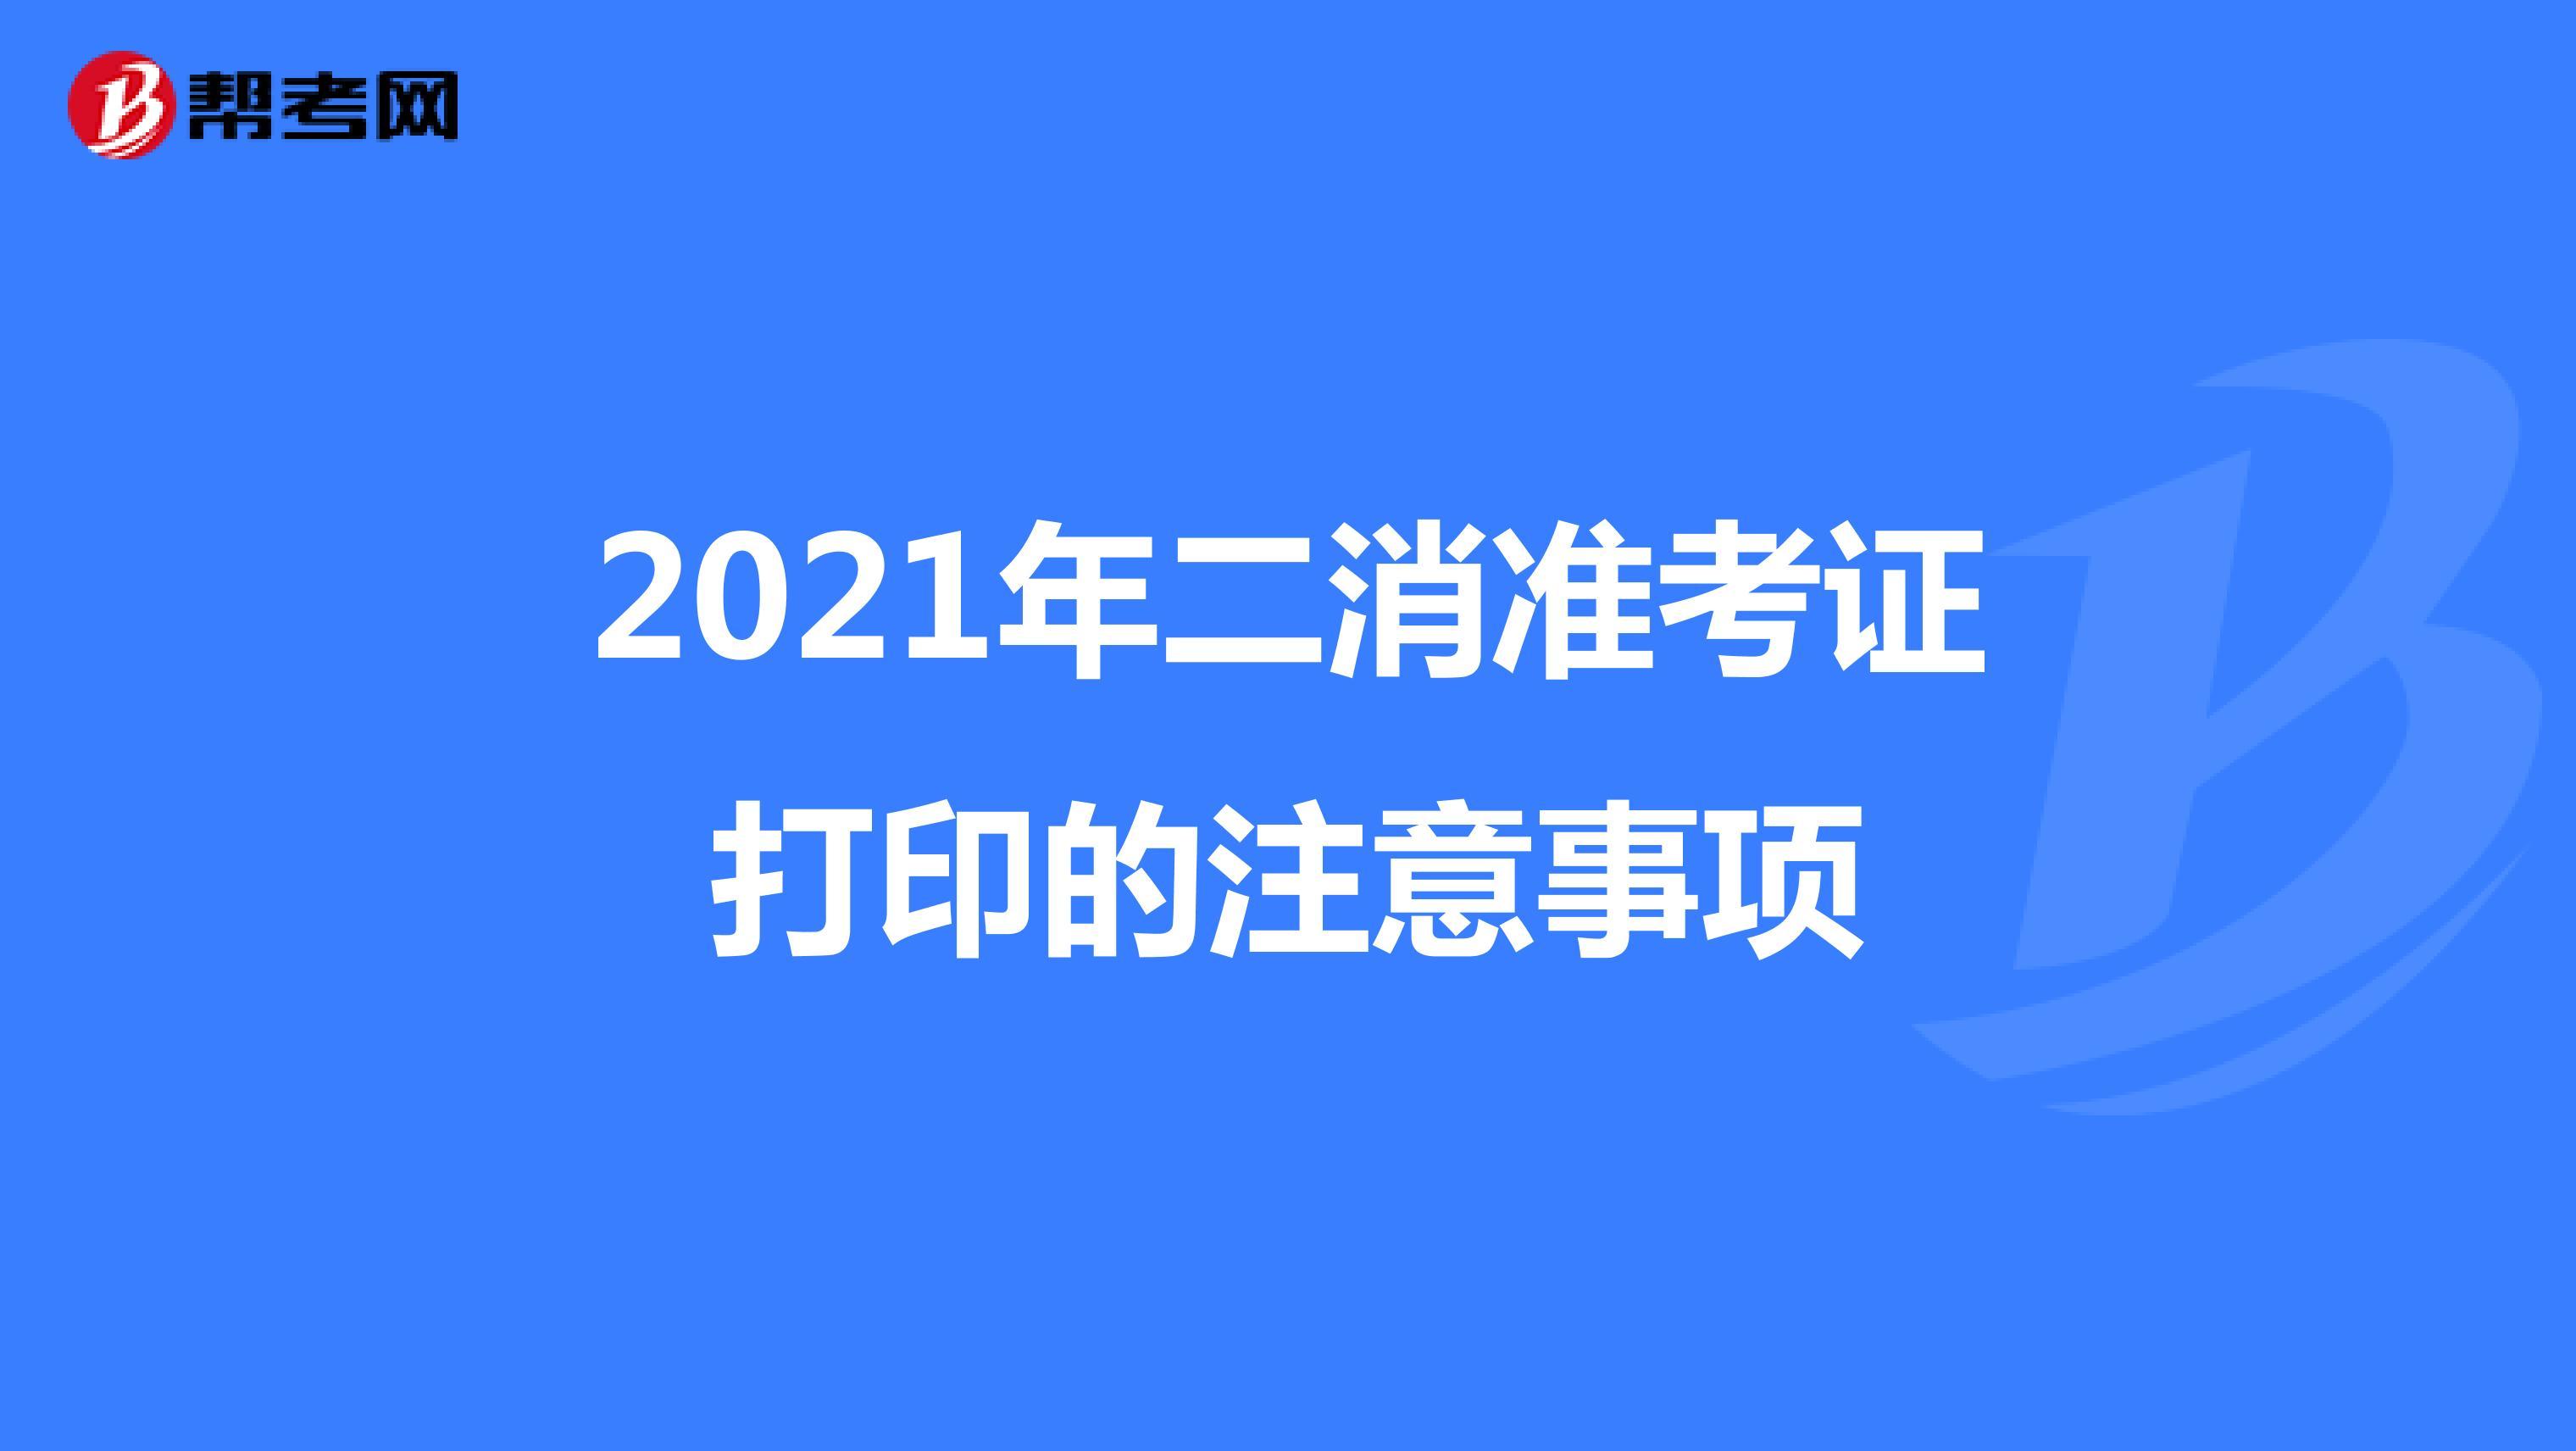 2021年二消准考证打印的注意事项